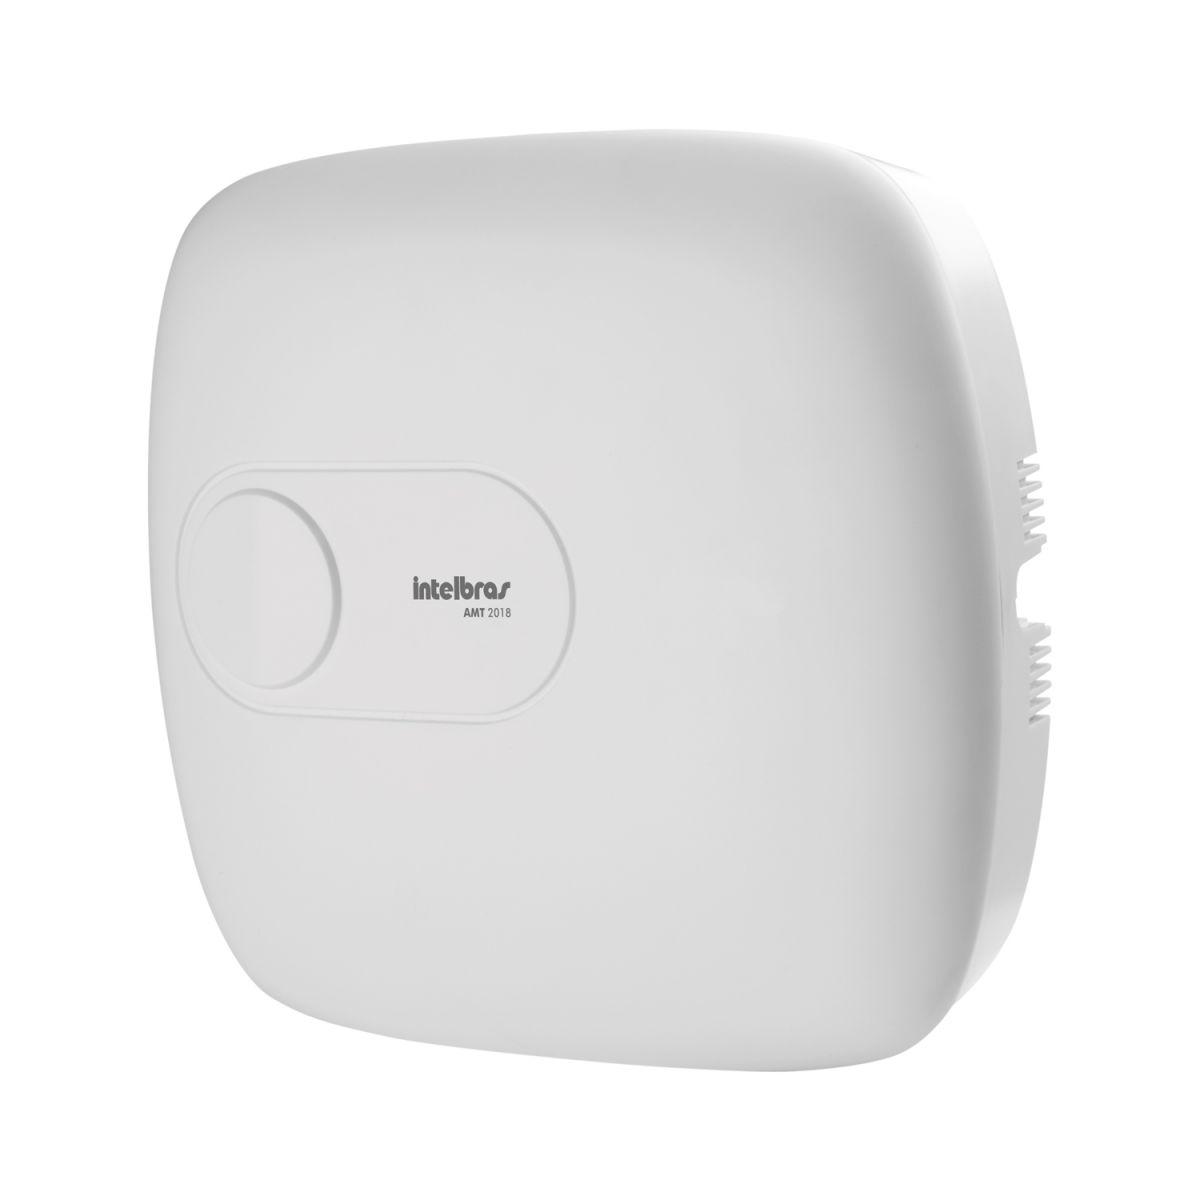 Central de Alarme Intelbras AMT 2018, Alarme monitorado com 18 zonas (8 + 8 + 2 com fio + 24 sem fio), Via linha telefônica, 2 Partições, Discadora